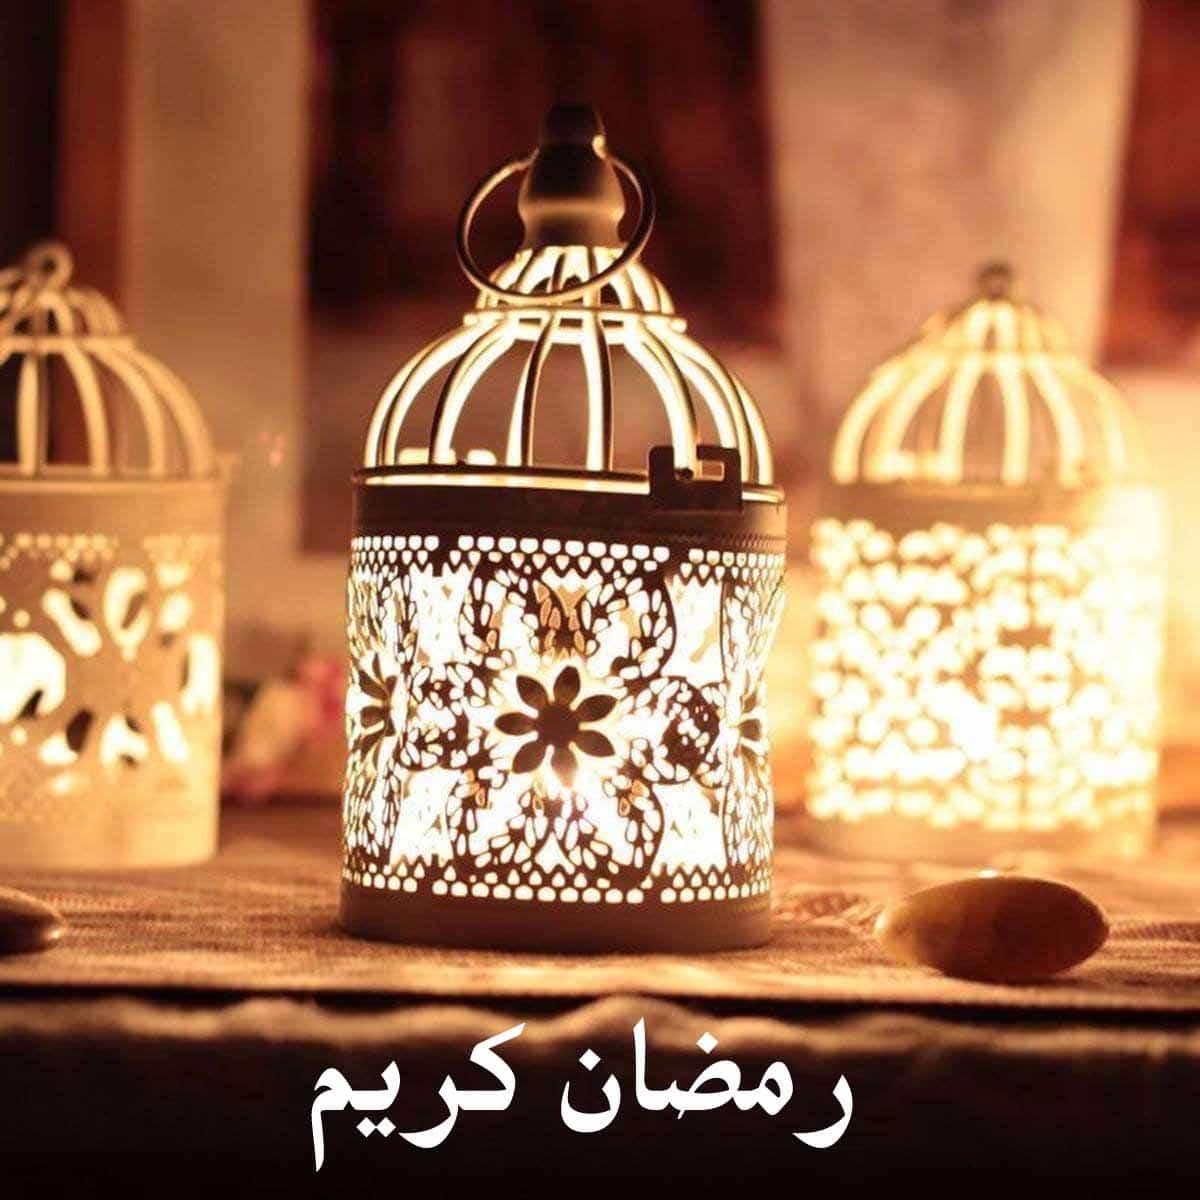 صور صور رمضان 2019 , رمضان شهر الهدي والراحه